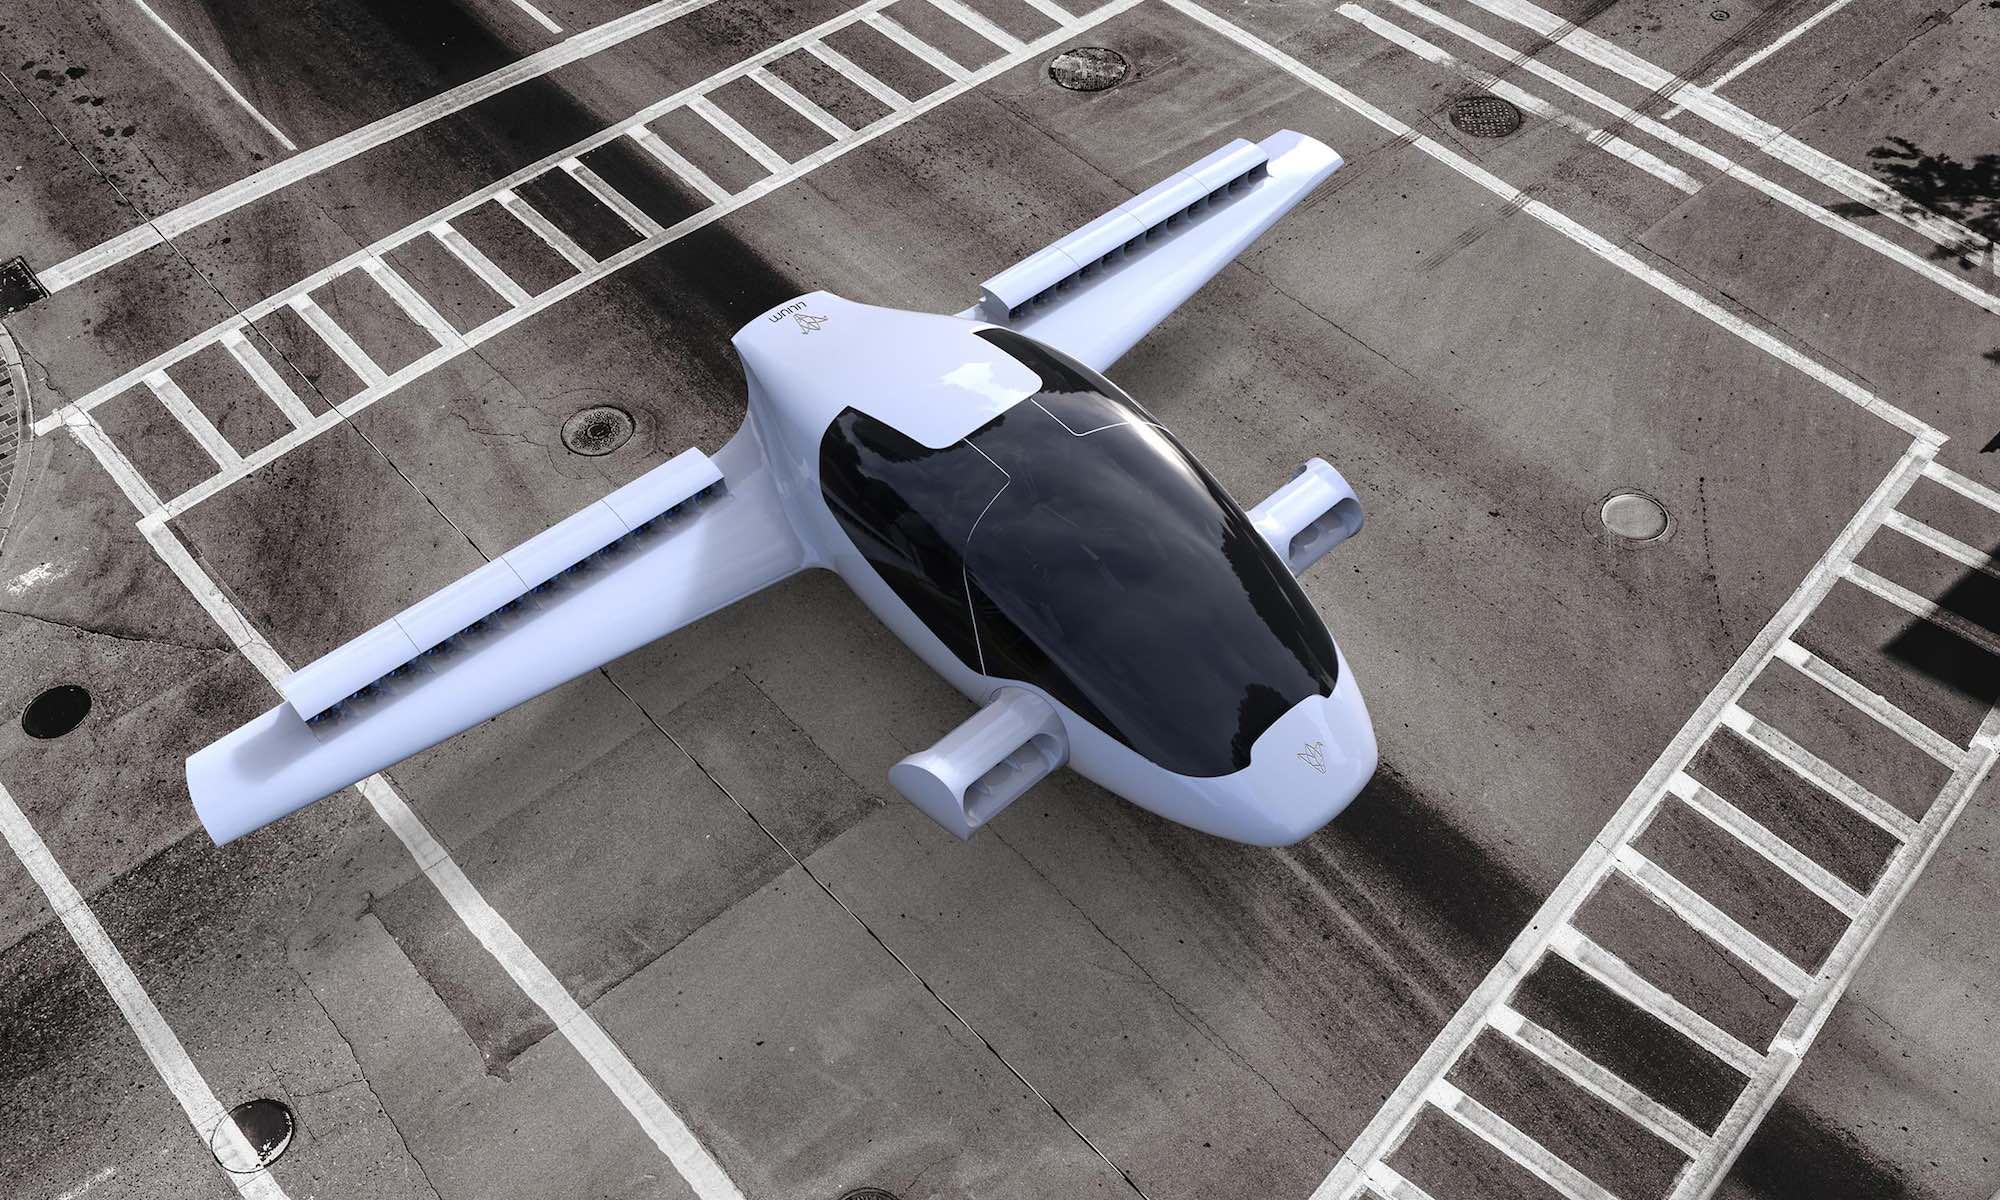 Летающие автомобили готовят революцию 2